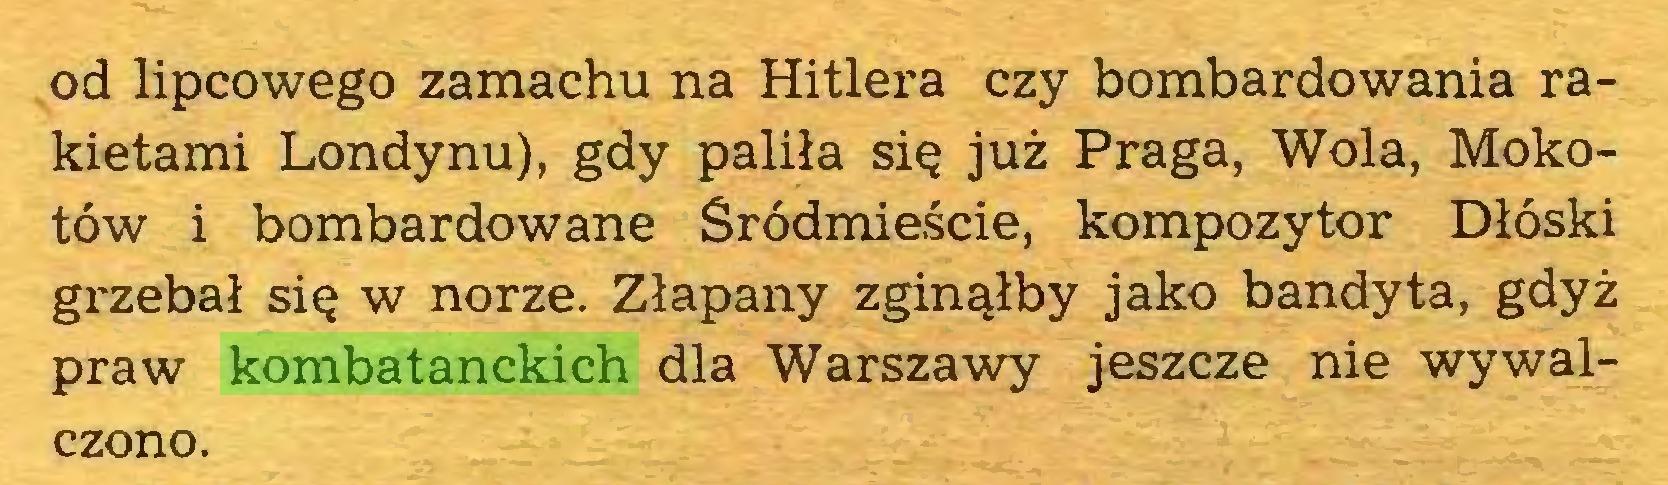 (...) od lipcowego zamachu na Hitlera czy bombardowania rakietami Londynu), gdy paliła się już Praga, Wola, Mokotów i bombardowane Śródmieście, kompozytor Dłóski grzebał się w norze. Złapany zginąłby jako bandyta, gdyż praw kombatanckich dla Warszawy jeszcze nie wywalczono...